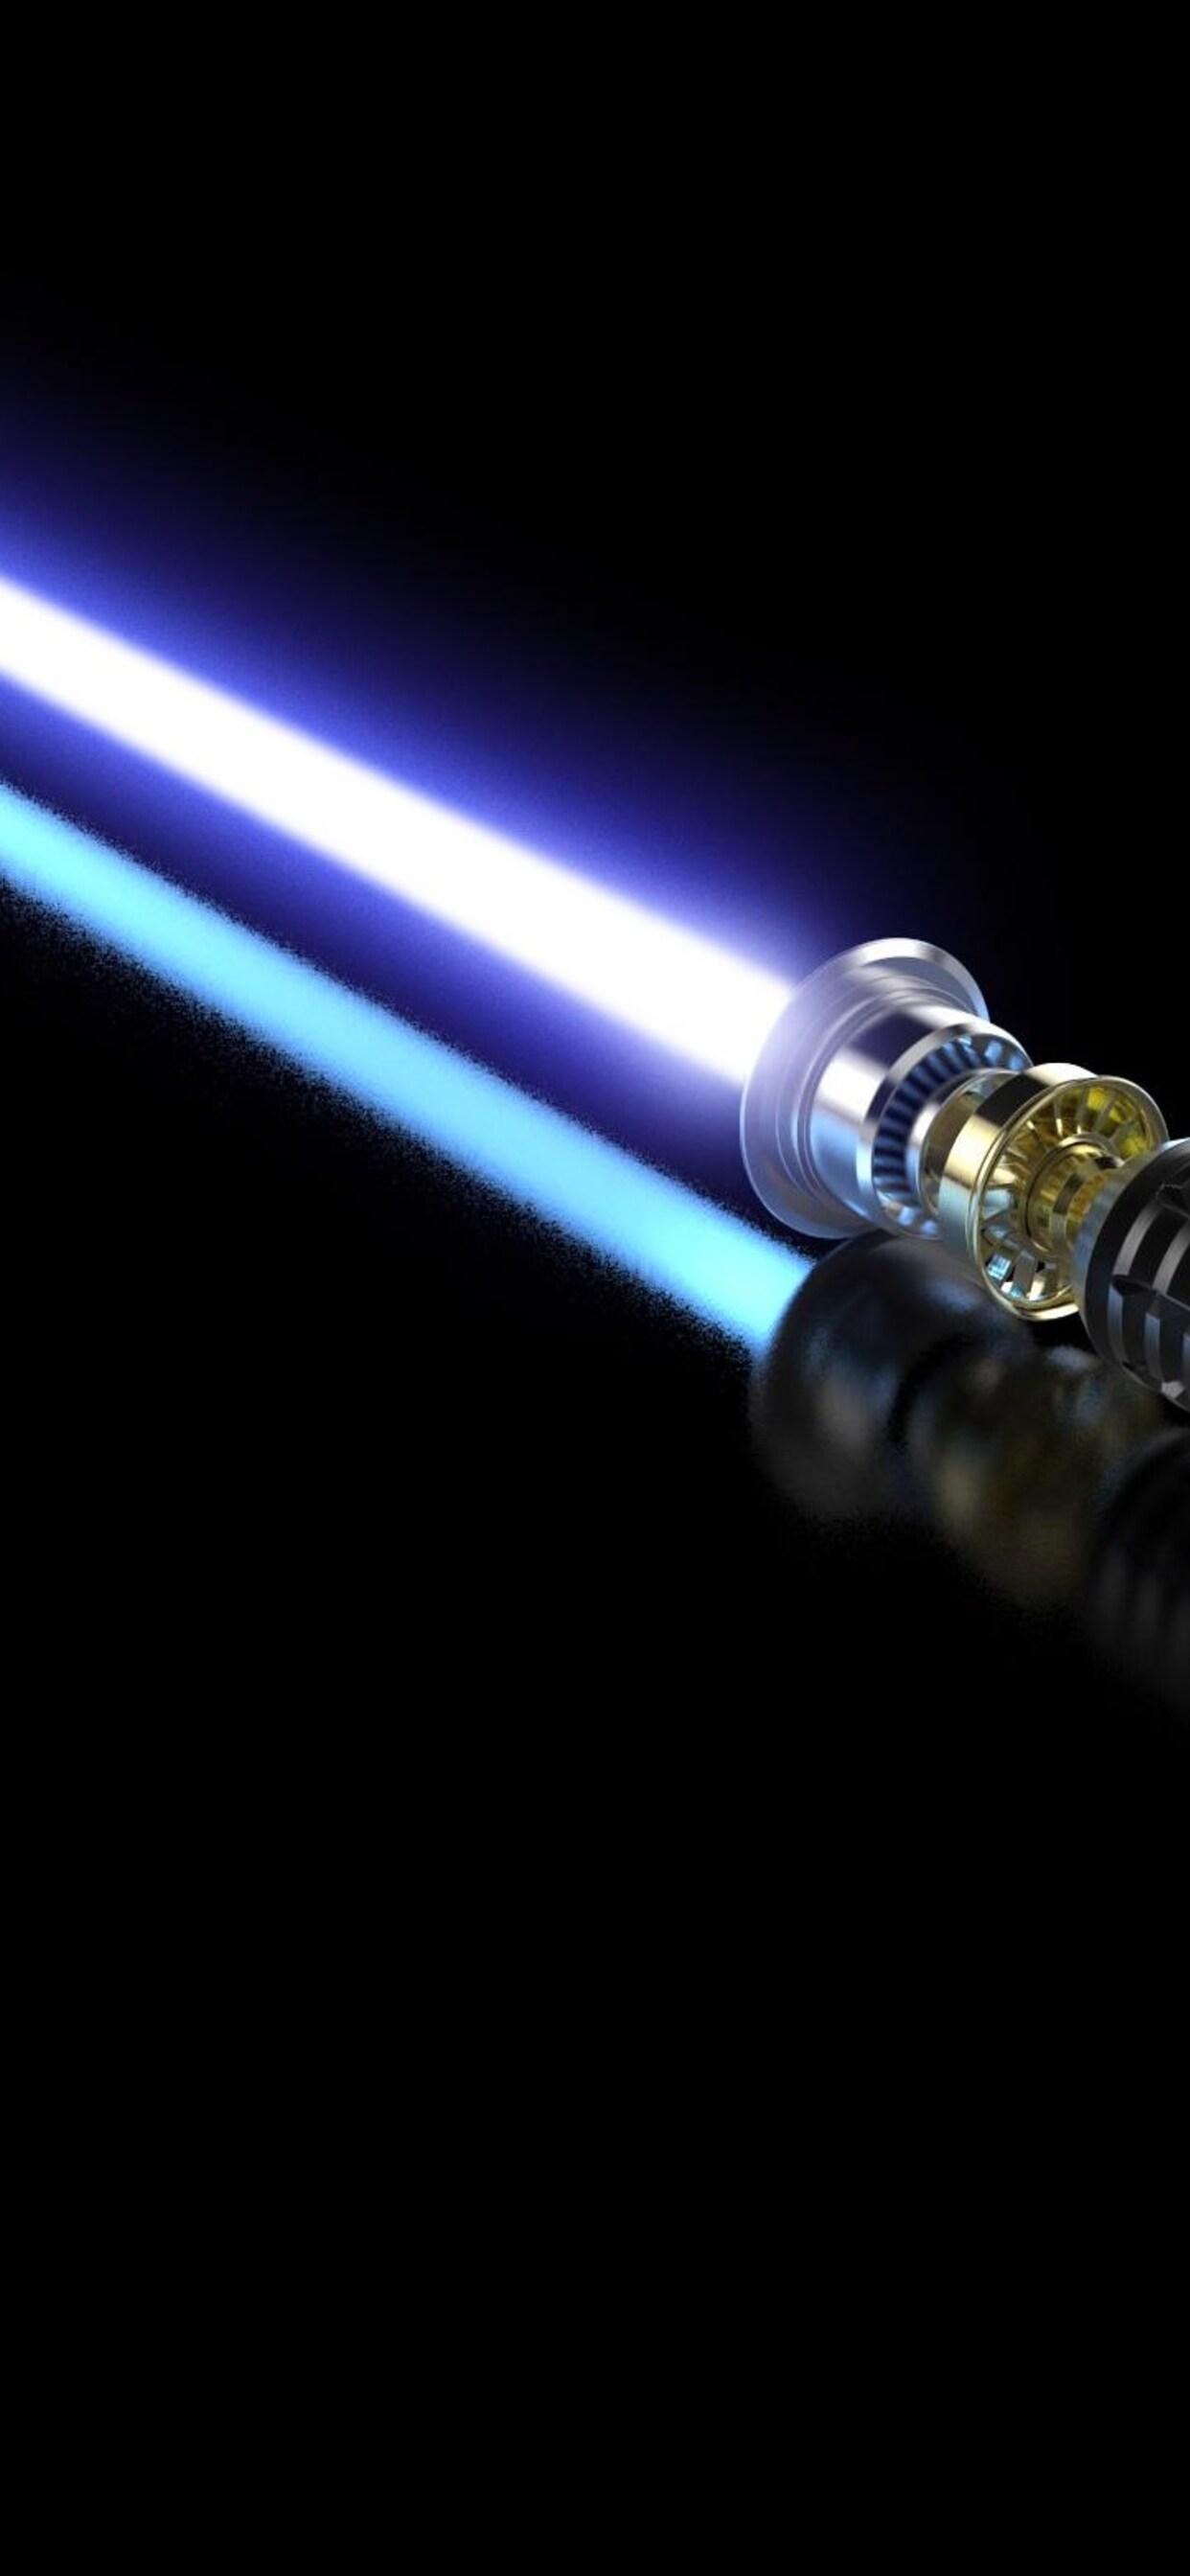 1242x2688 Lightsaber Star Wars Iphone Xs Max Hd 4k